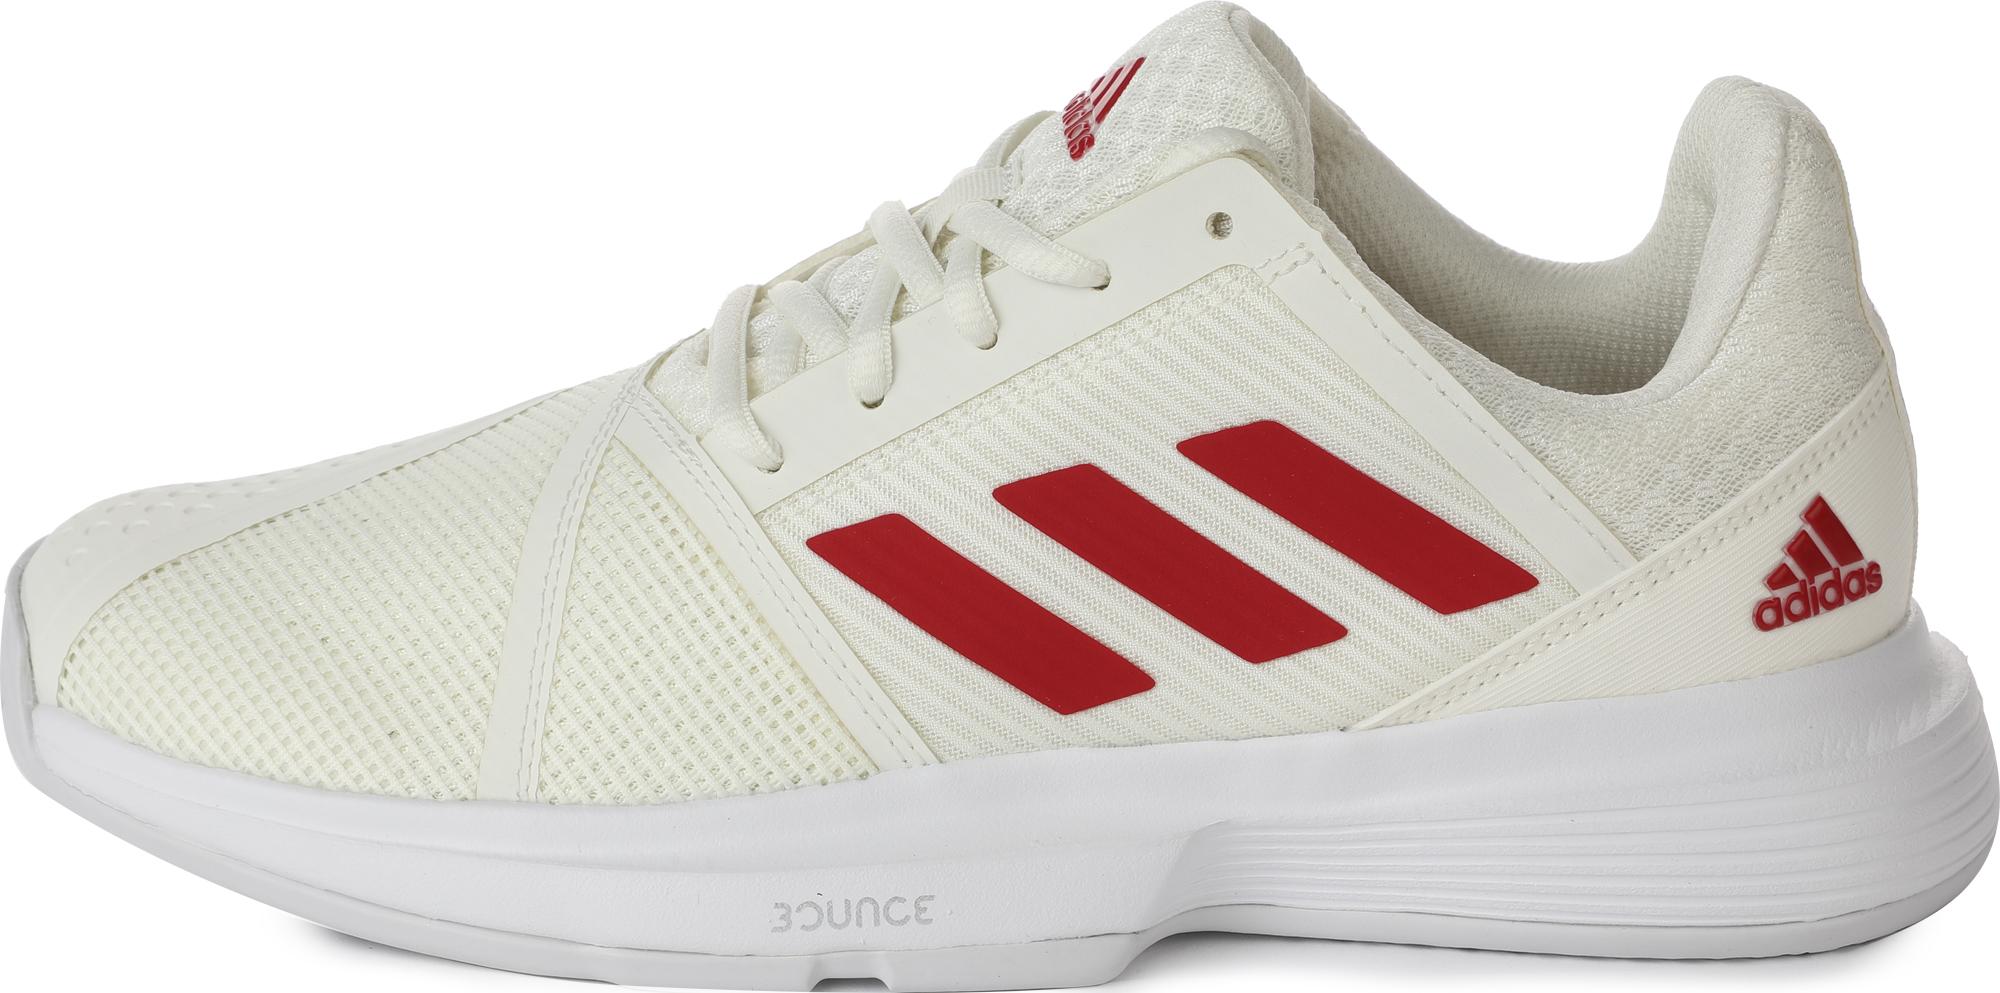 Adidas Кроссовки женские для тенниса Adidas CourtJam Bounce, размер 38.5 кроссовки adidas кроссовки